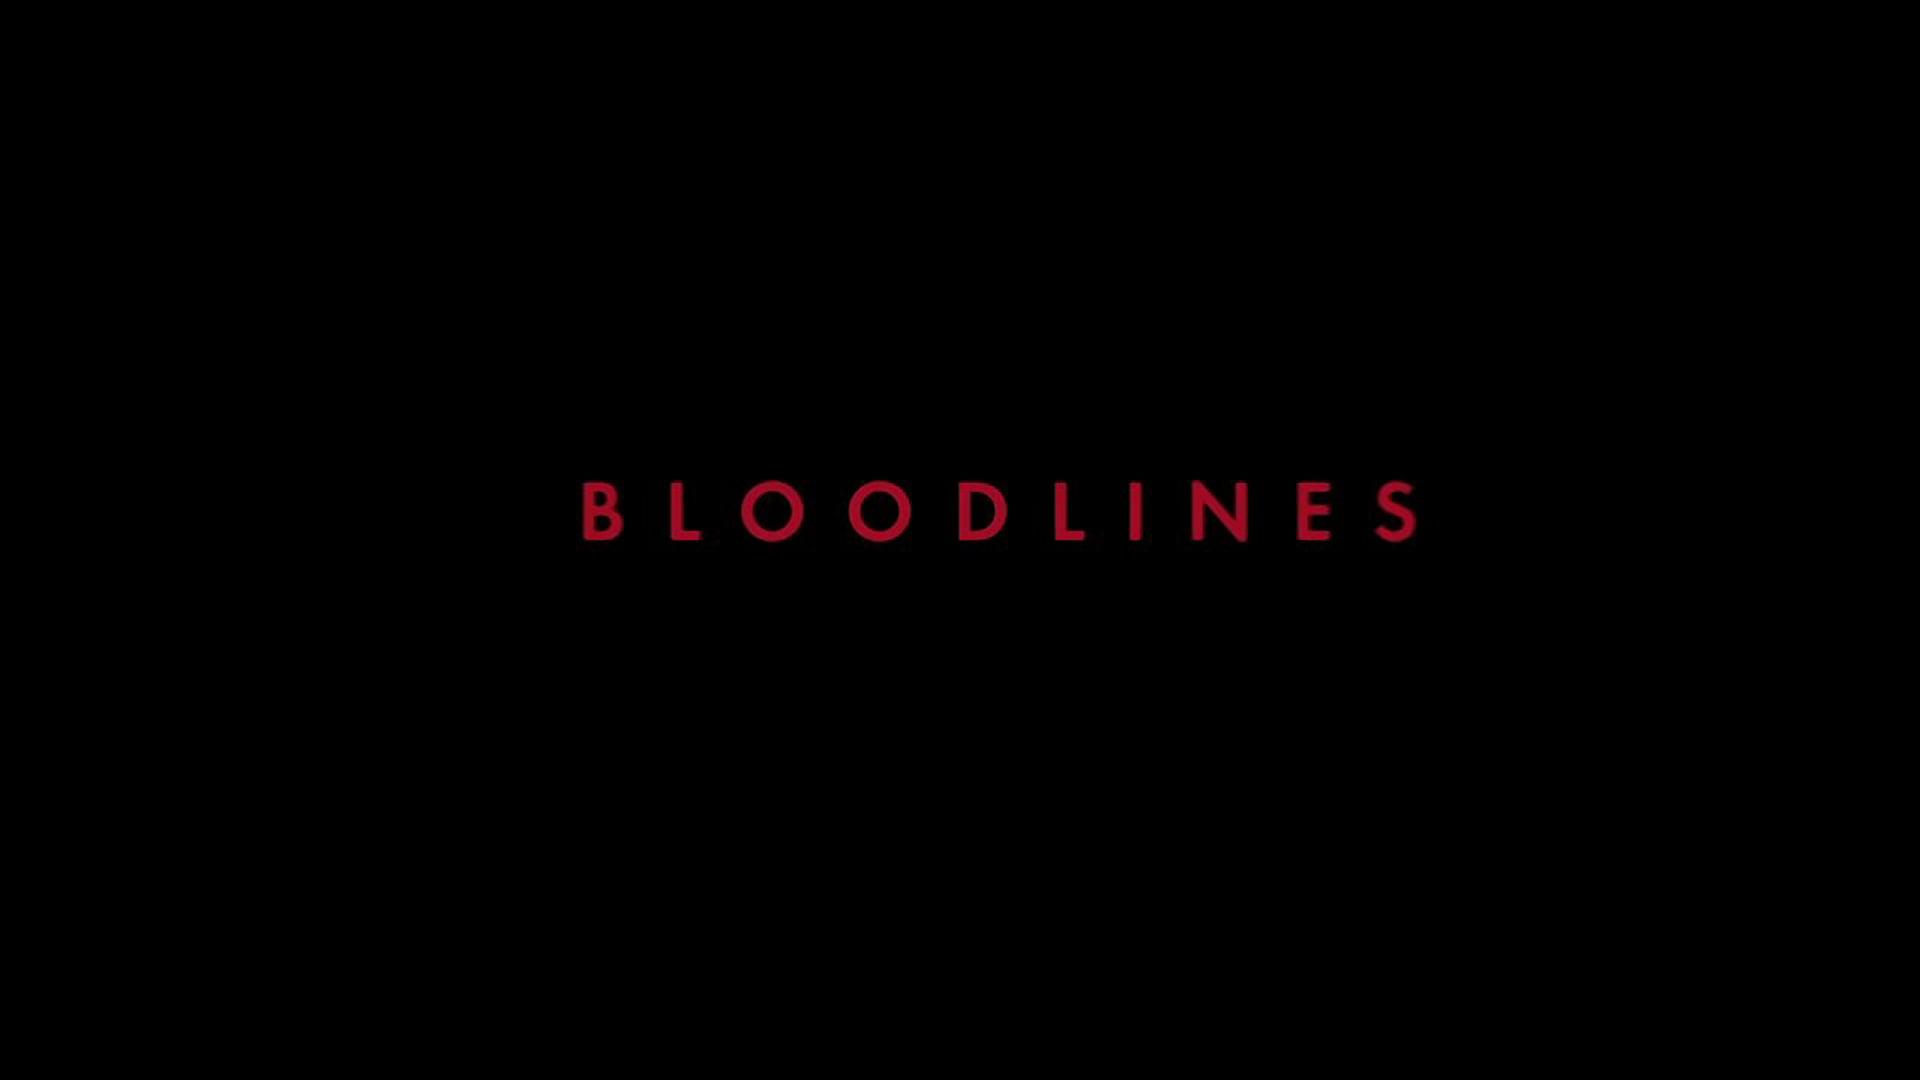 Bloodlines (2014) Teaser